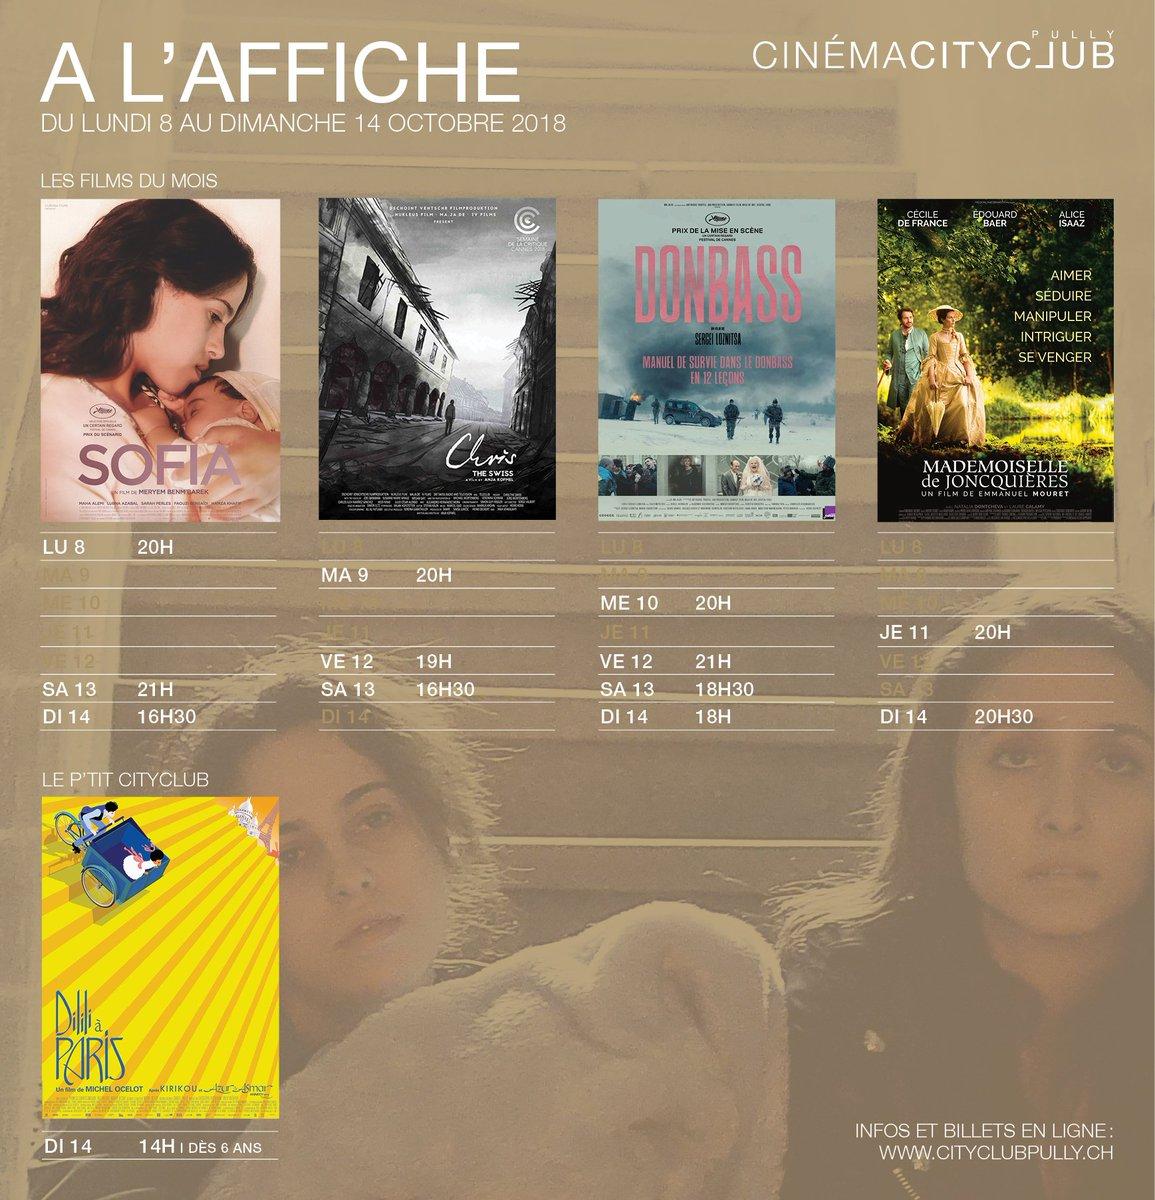 Le programme de la semaine! Avec les quatre films du mois et une séance du P'tit CityClub ce dimanche avec Dilili à Paris de Michel Ocelot. 🔹http://www.cityclubpully.ch #cinemacityclub #lesfilmsdumois #leptitcityclub #dililiaparis #michelocelot